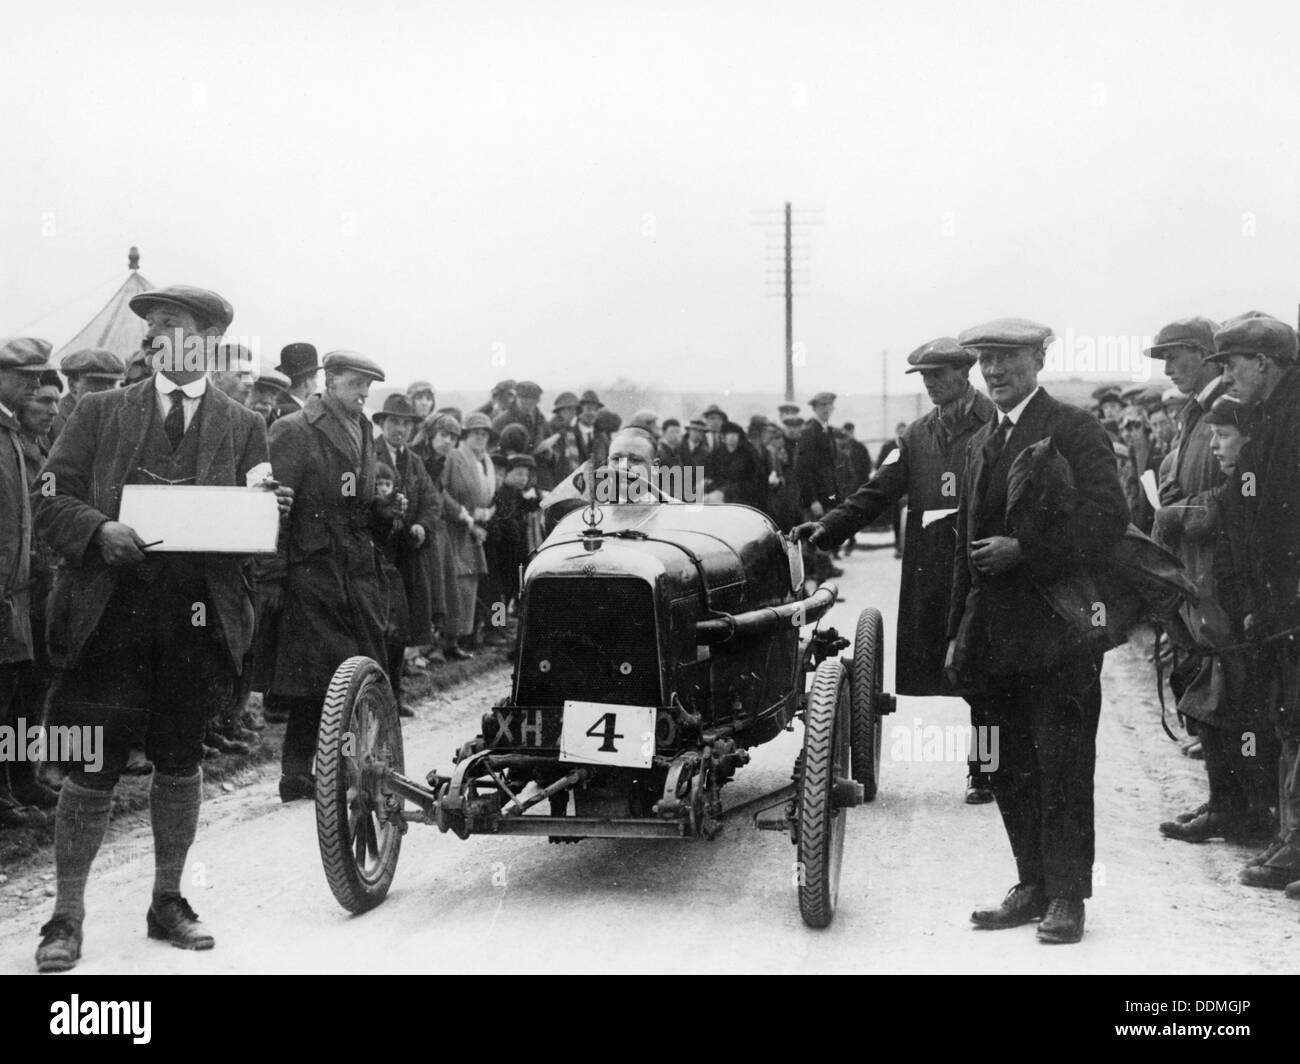 Aston Martin bei einem Motorsport-Event, 1922. Stockbild